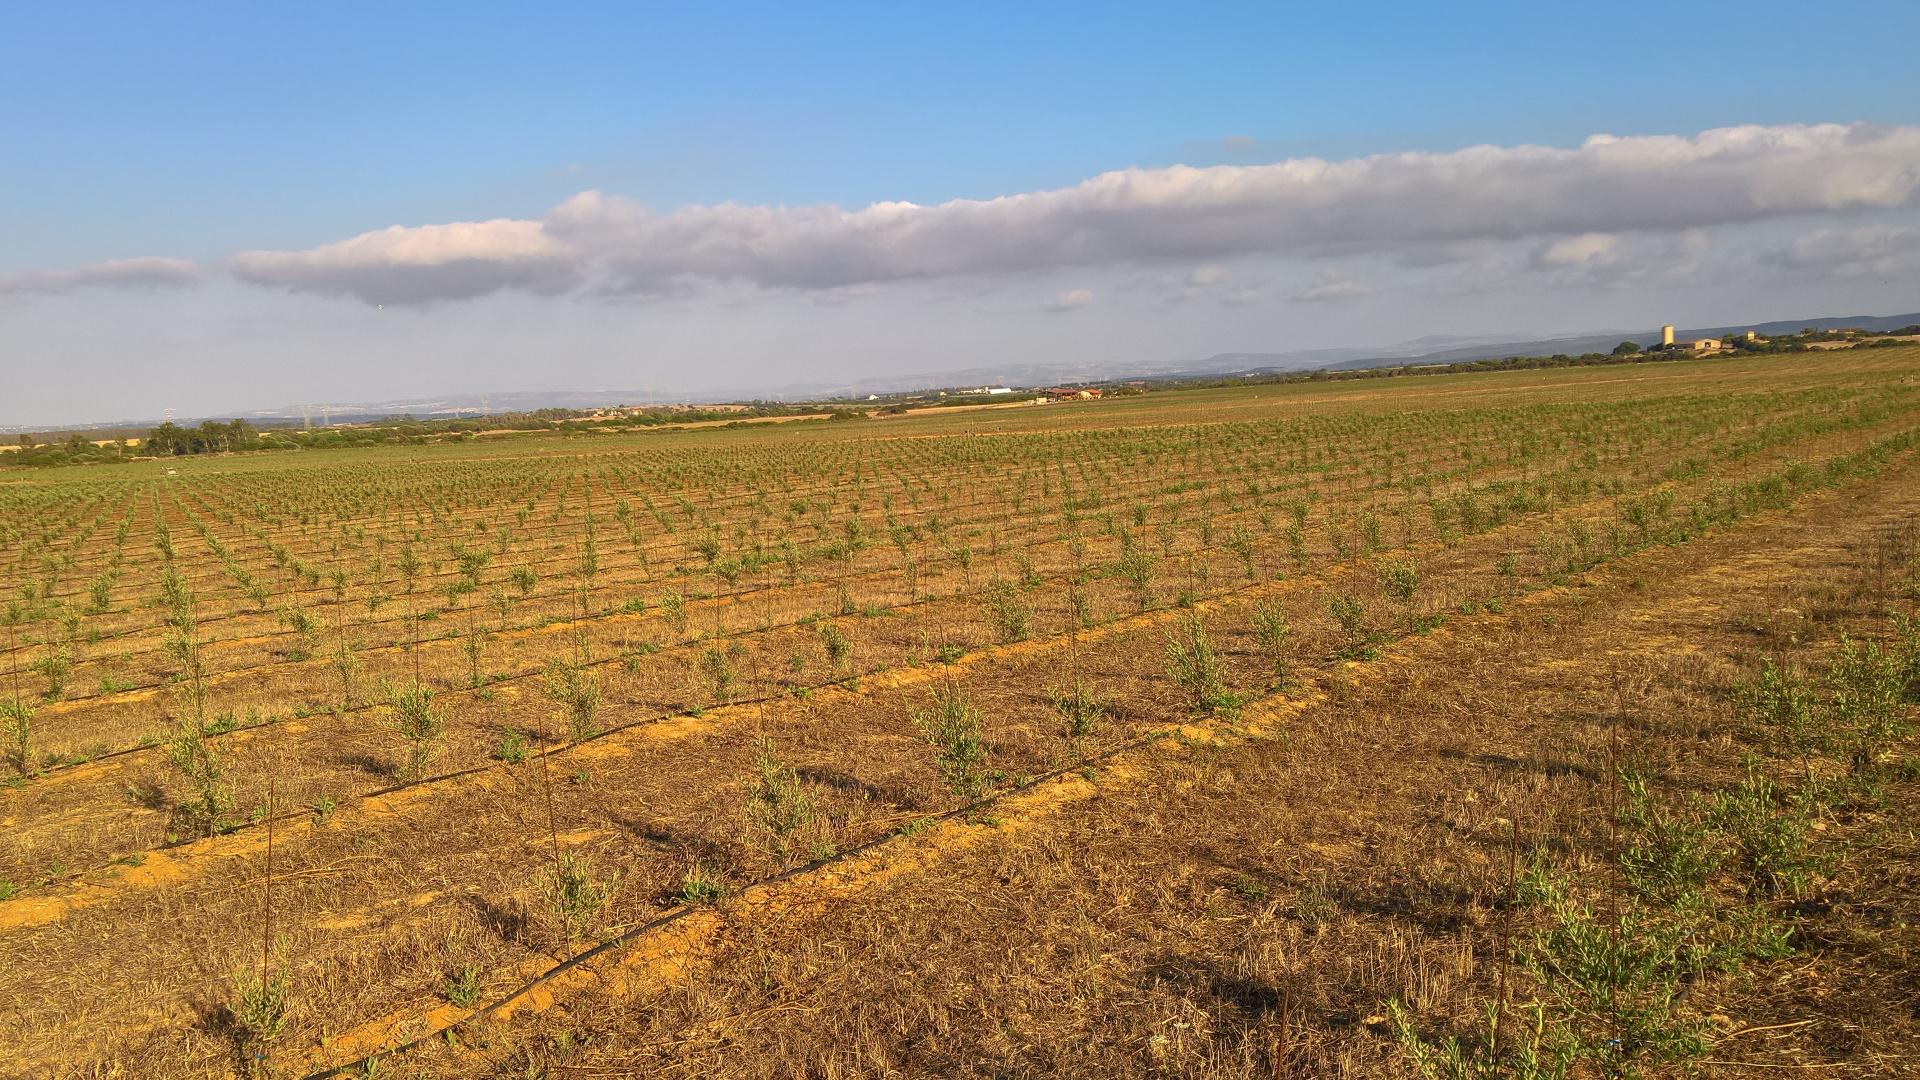 Nuovi olivi per il futuro